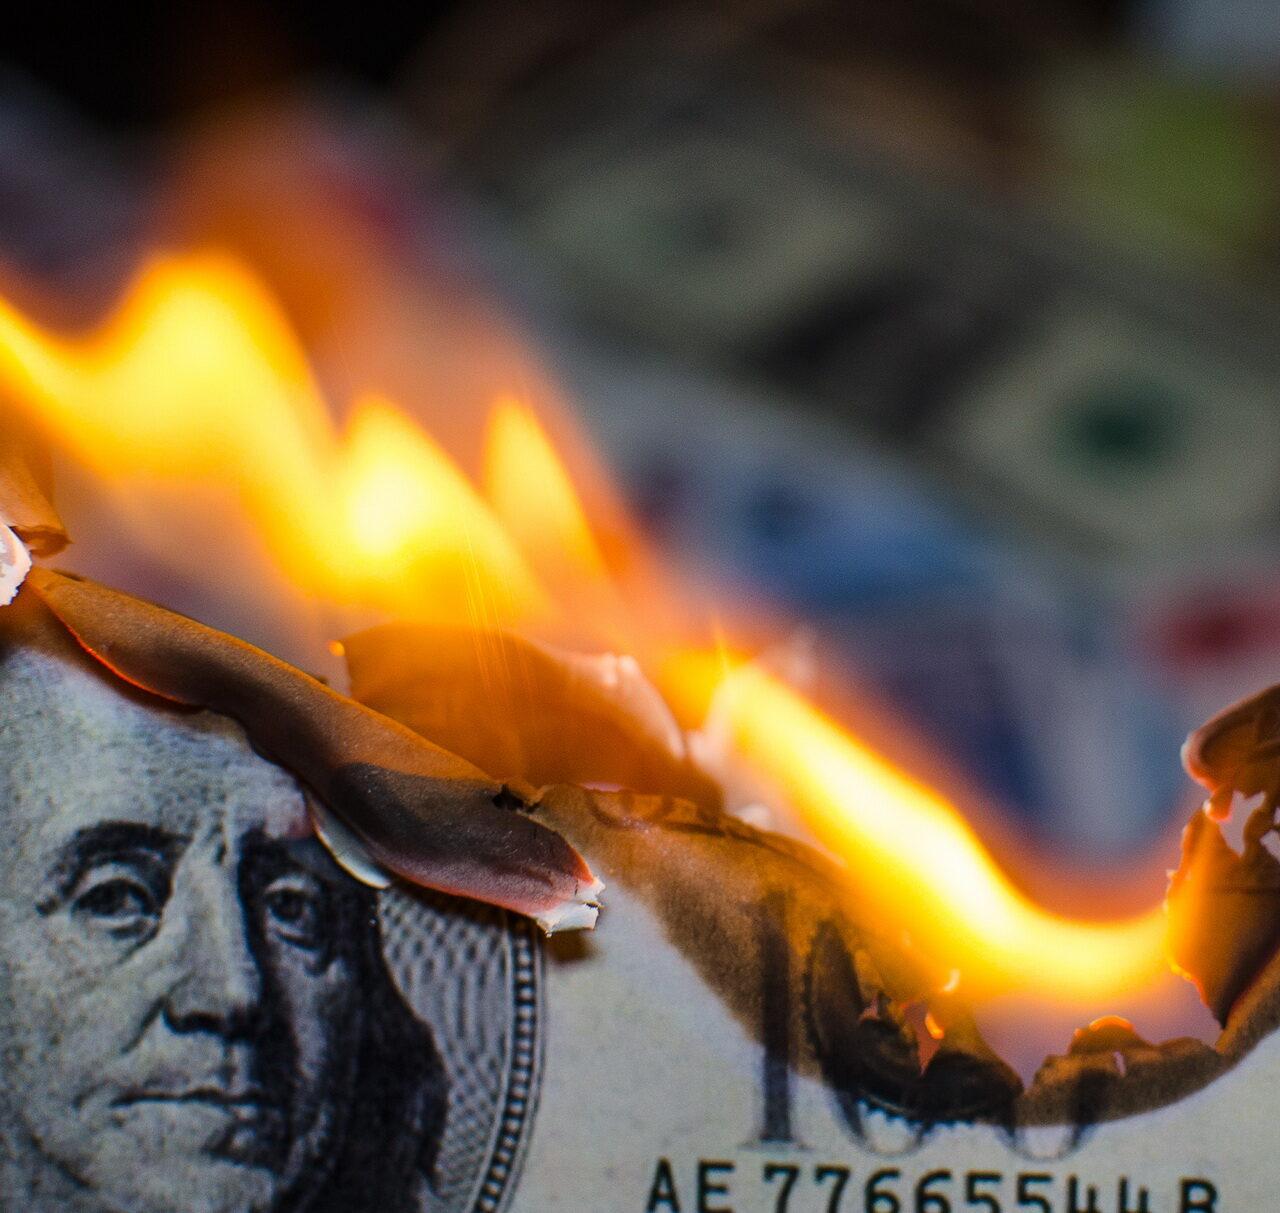 Rückkehr der Inflation ein Hirngespinst?